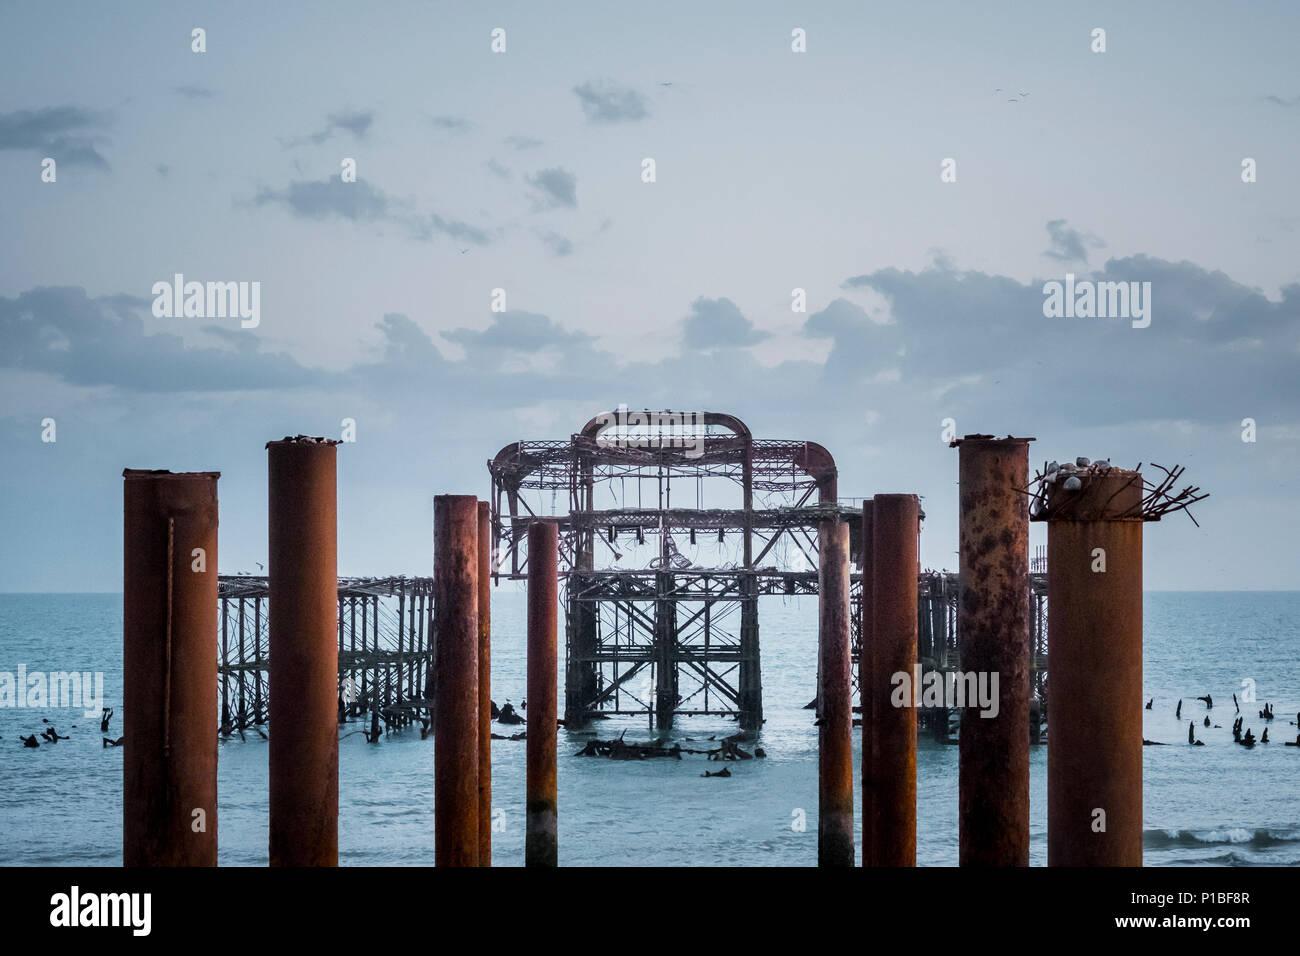 Jetée ouest brûlé par la mer, Brighton, Angleterre Banque D'Images